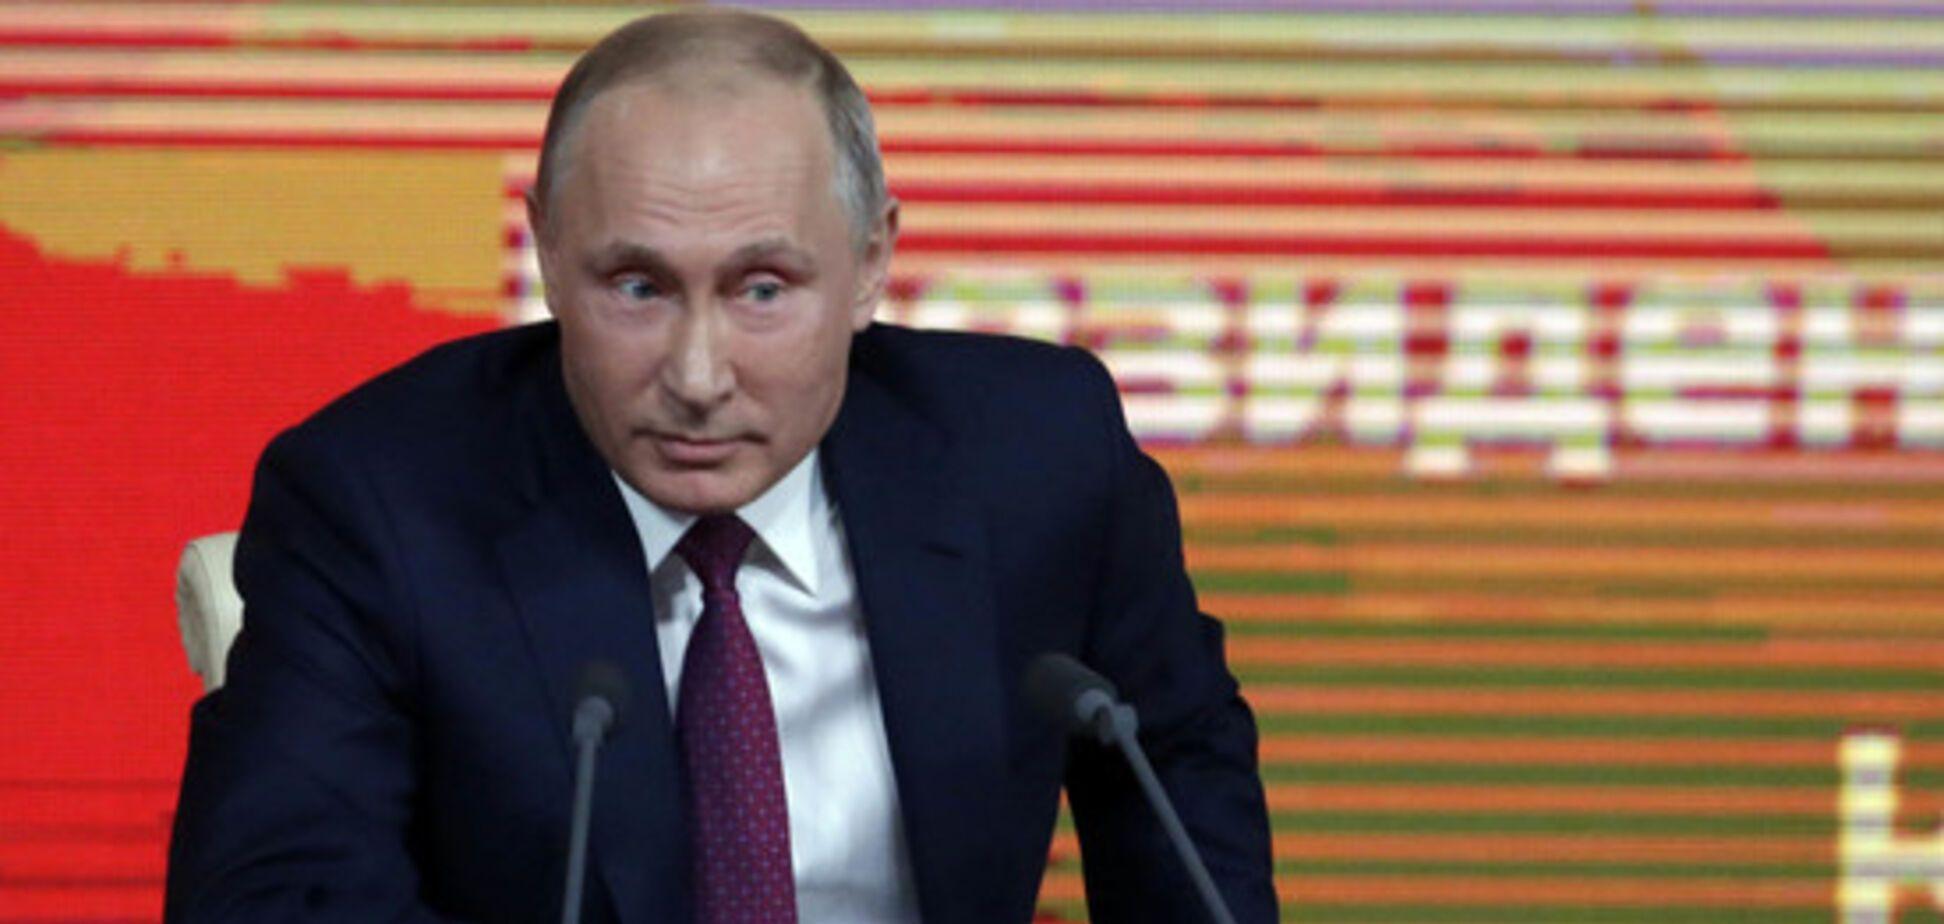 Ретинг Путіна впав. Чекаймо активізації війни на Донбасі